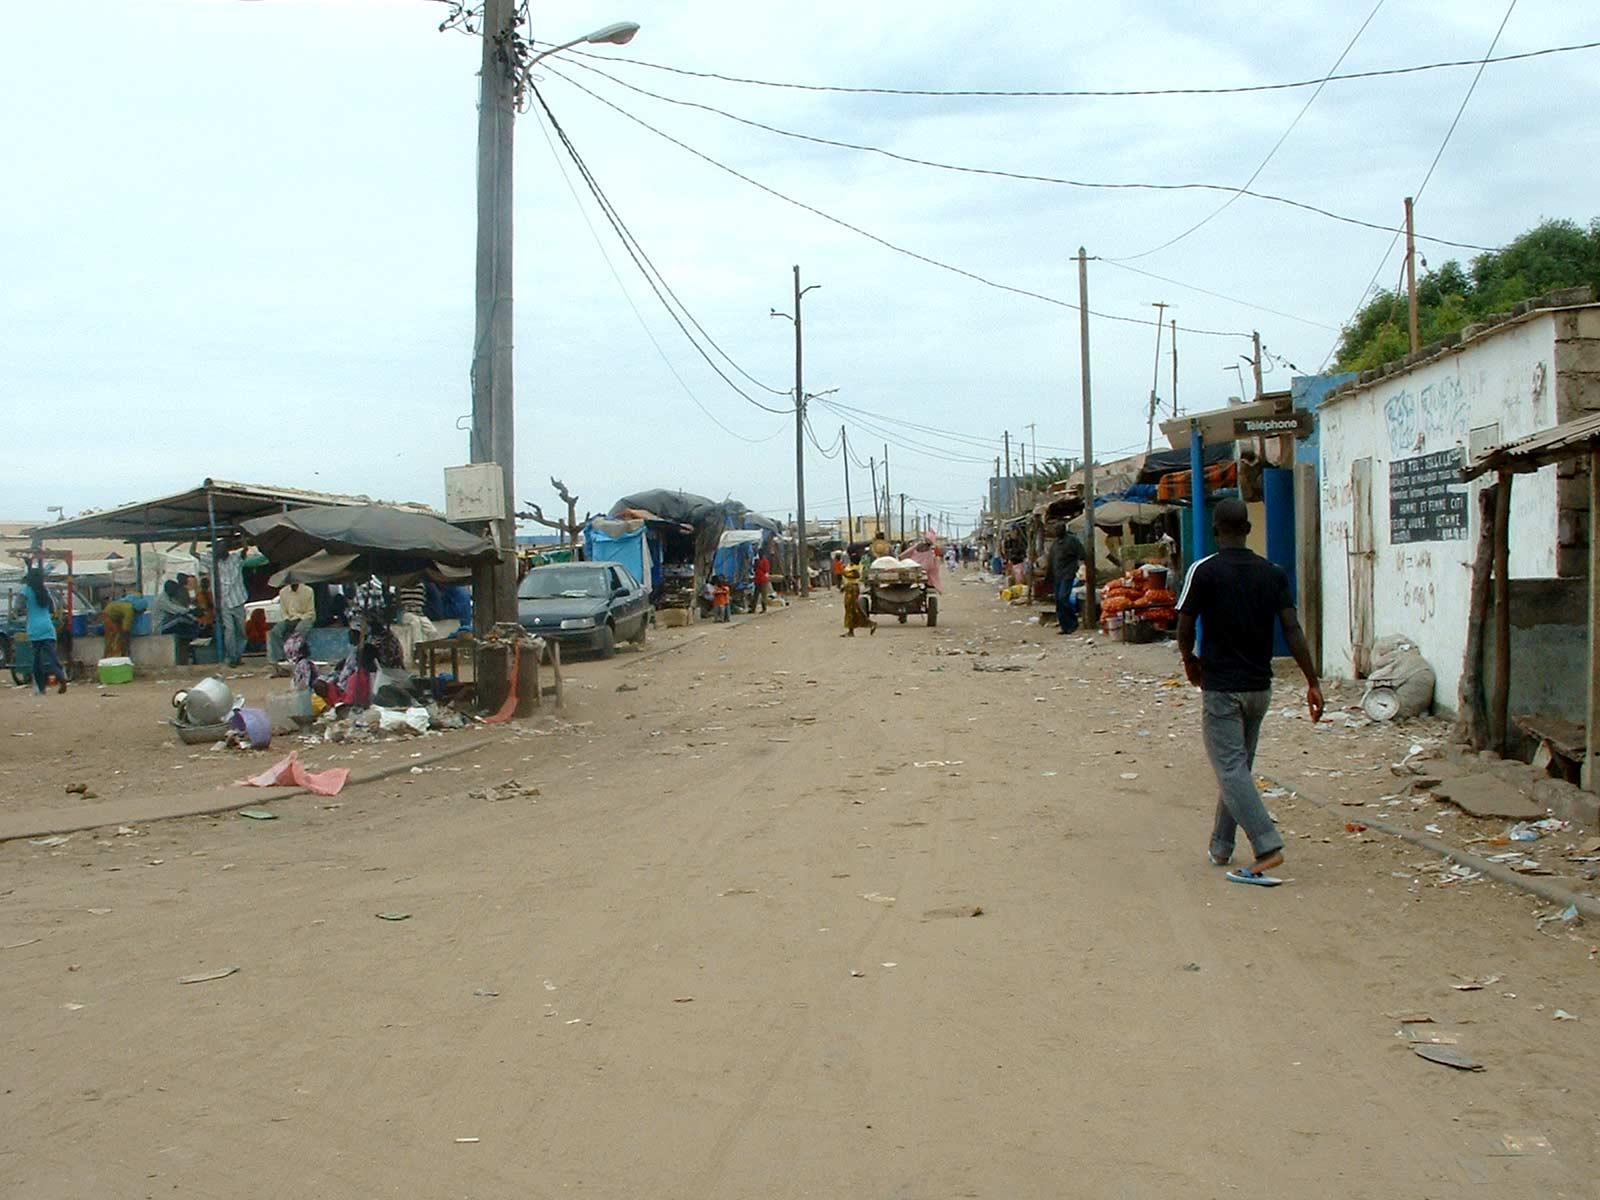 Fotografía pobreza Africa